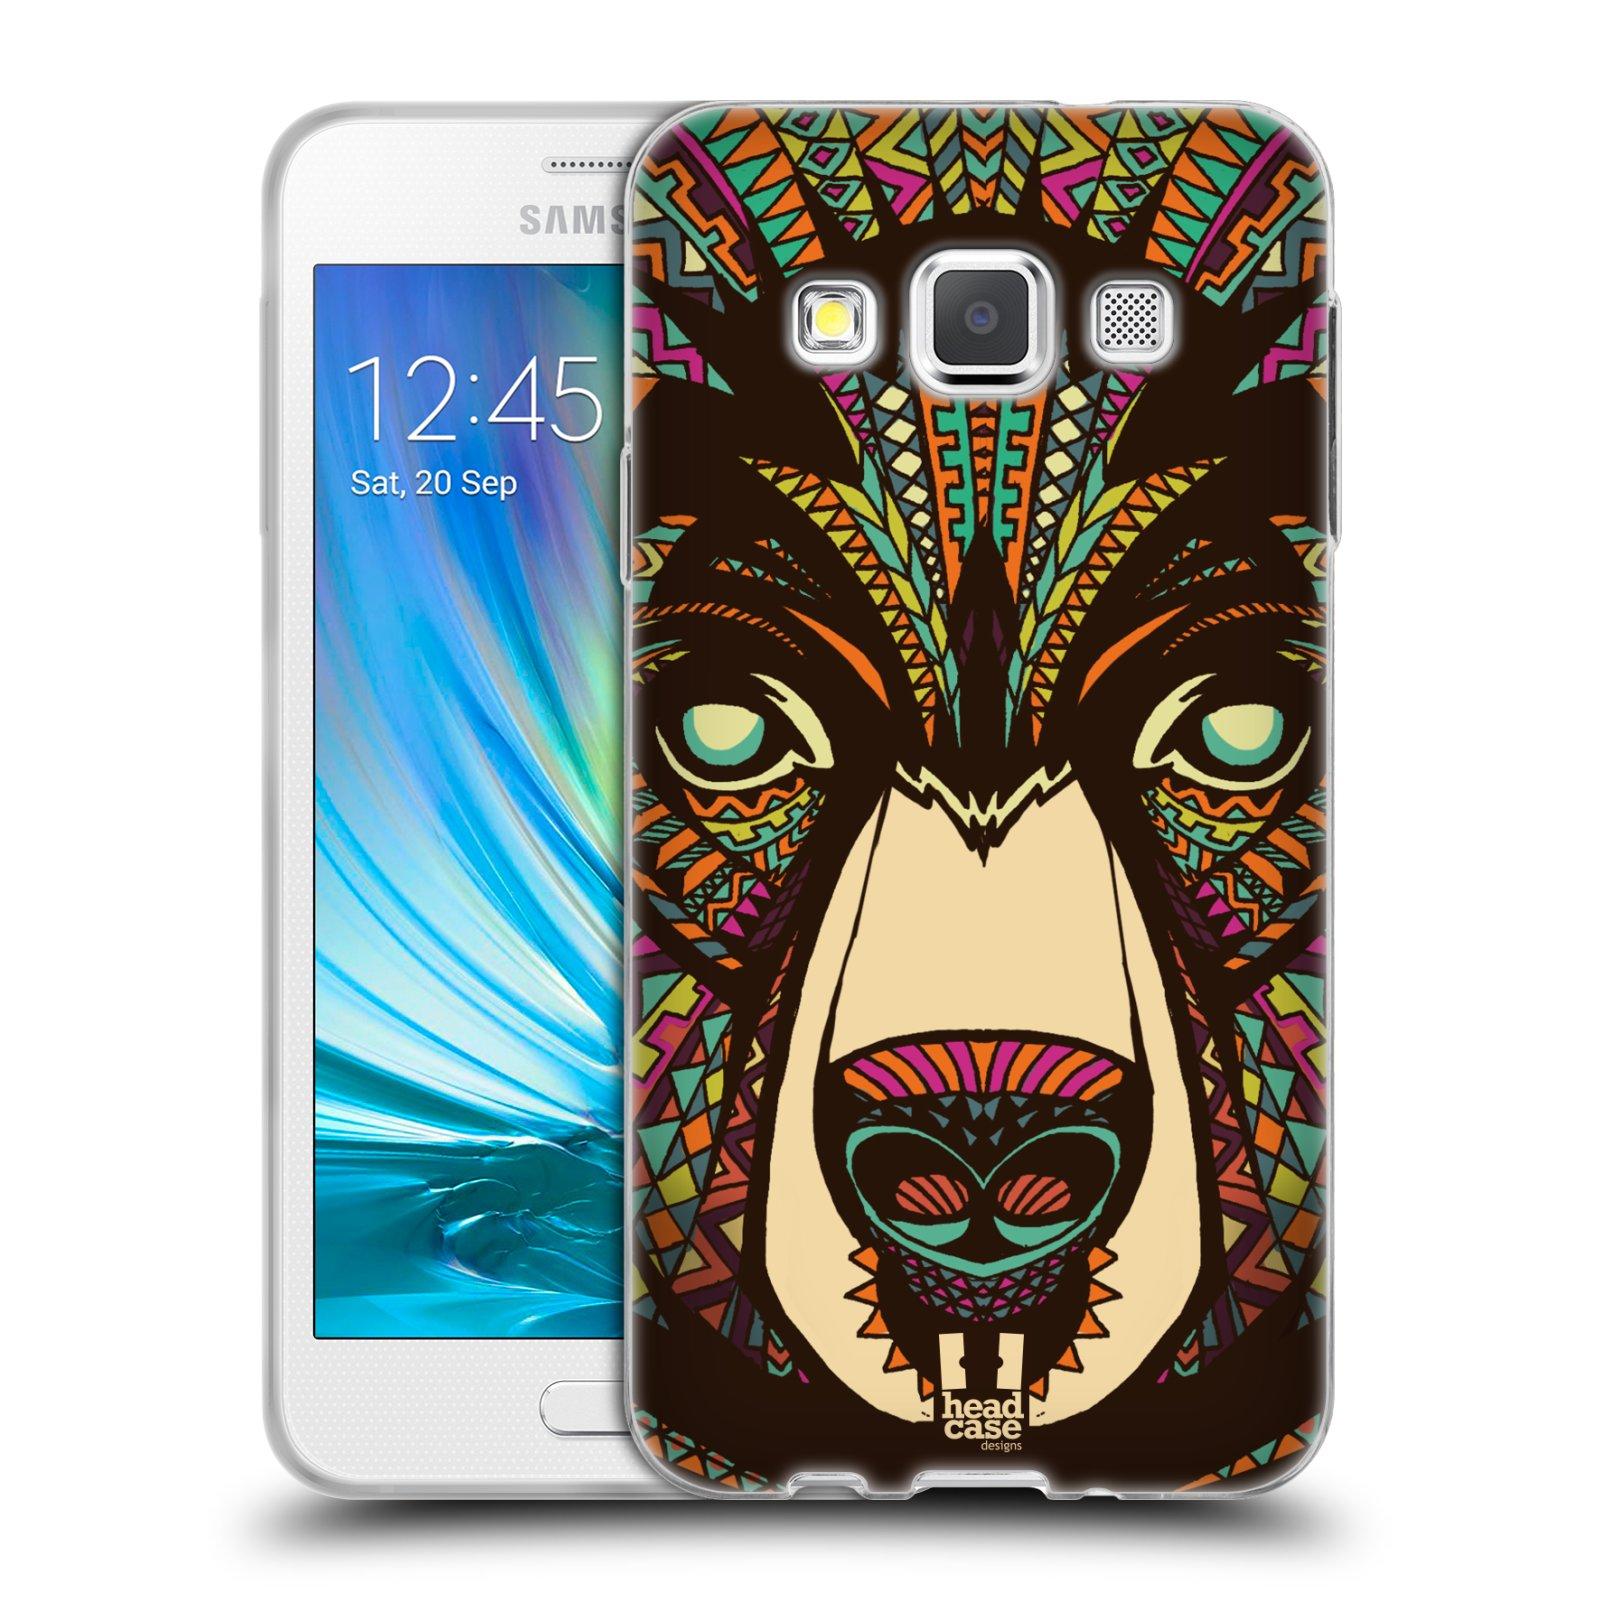 Silikonové pouzdro na mobil Samsung Galaxy A3 HEAD CASE AZTEC MEDVĚD